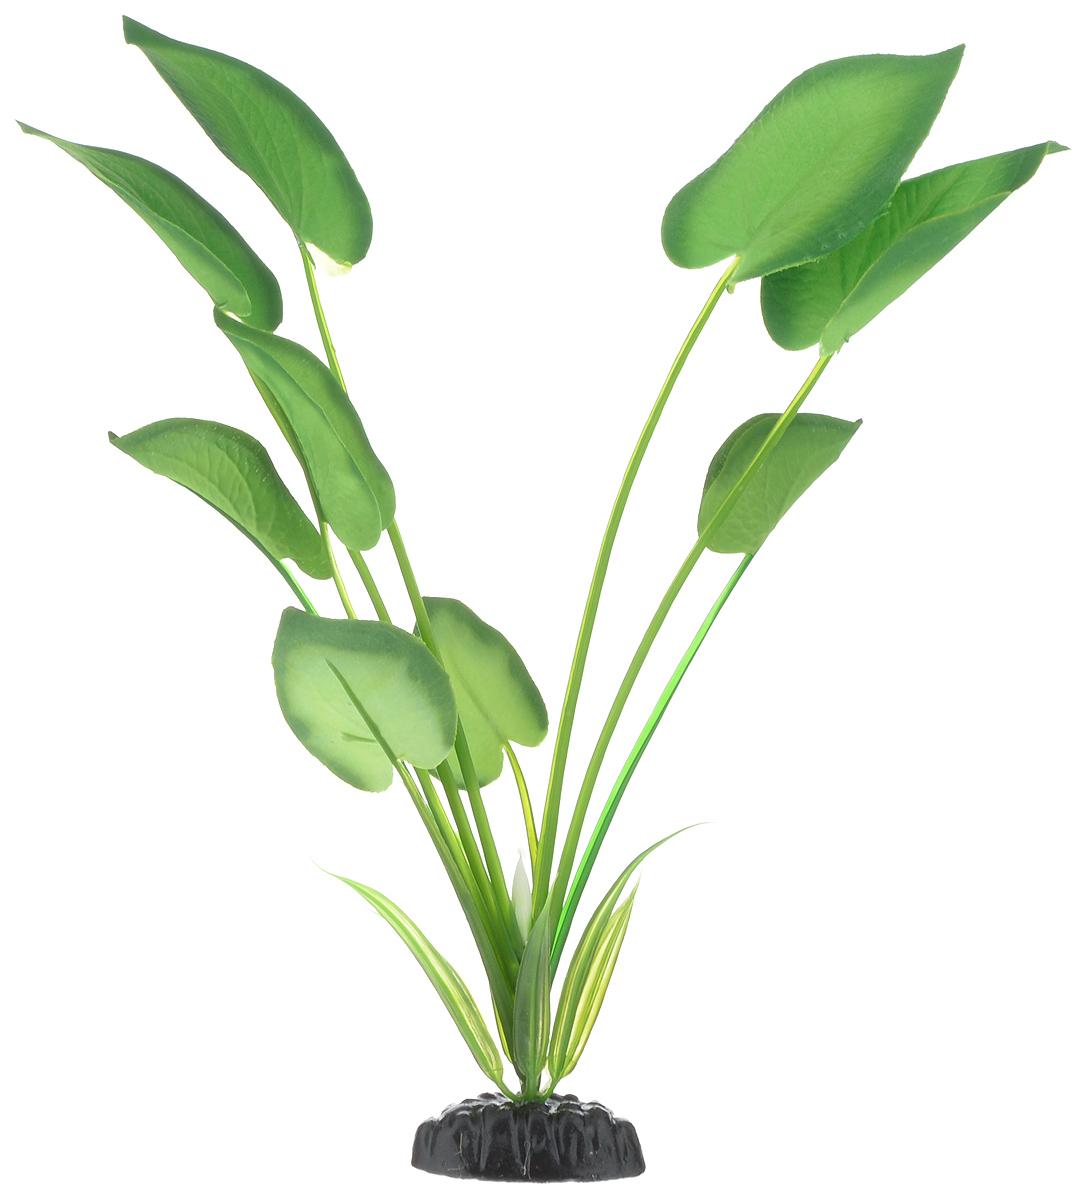 Растение для аквариума Barbus Эхинодорус, шелковое, высота 30 см. Plant 044/30Plant 002/30Растение для аквариума Barbus Эхинодорус, выполненное из качественного шелка, станет прекрасным украшением вашего аквариума. Шелковое растение идеально подходит для дизайна всех видов аквариумов. В воде происходит абсолютная имитация живых растений. Изделие не требует дополнительного ухода и просто в применении. Растение абсолютно безопасно, нейтрально к водному балансу, устойчиво к истиранию краски, подходит как для пресноводного, так и для морского аквариума. Растение для аквариума Barbus поможет вам смоделировать потрясающий пейзаж на дне вашего аквариума или террариума. Высота растения: 30 см.